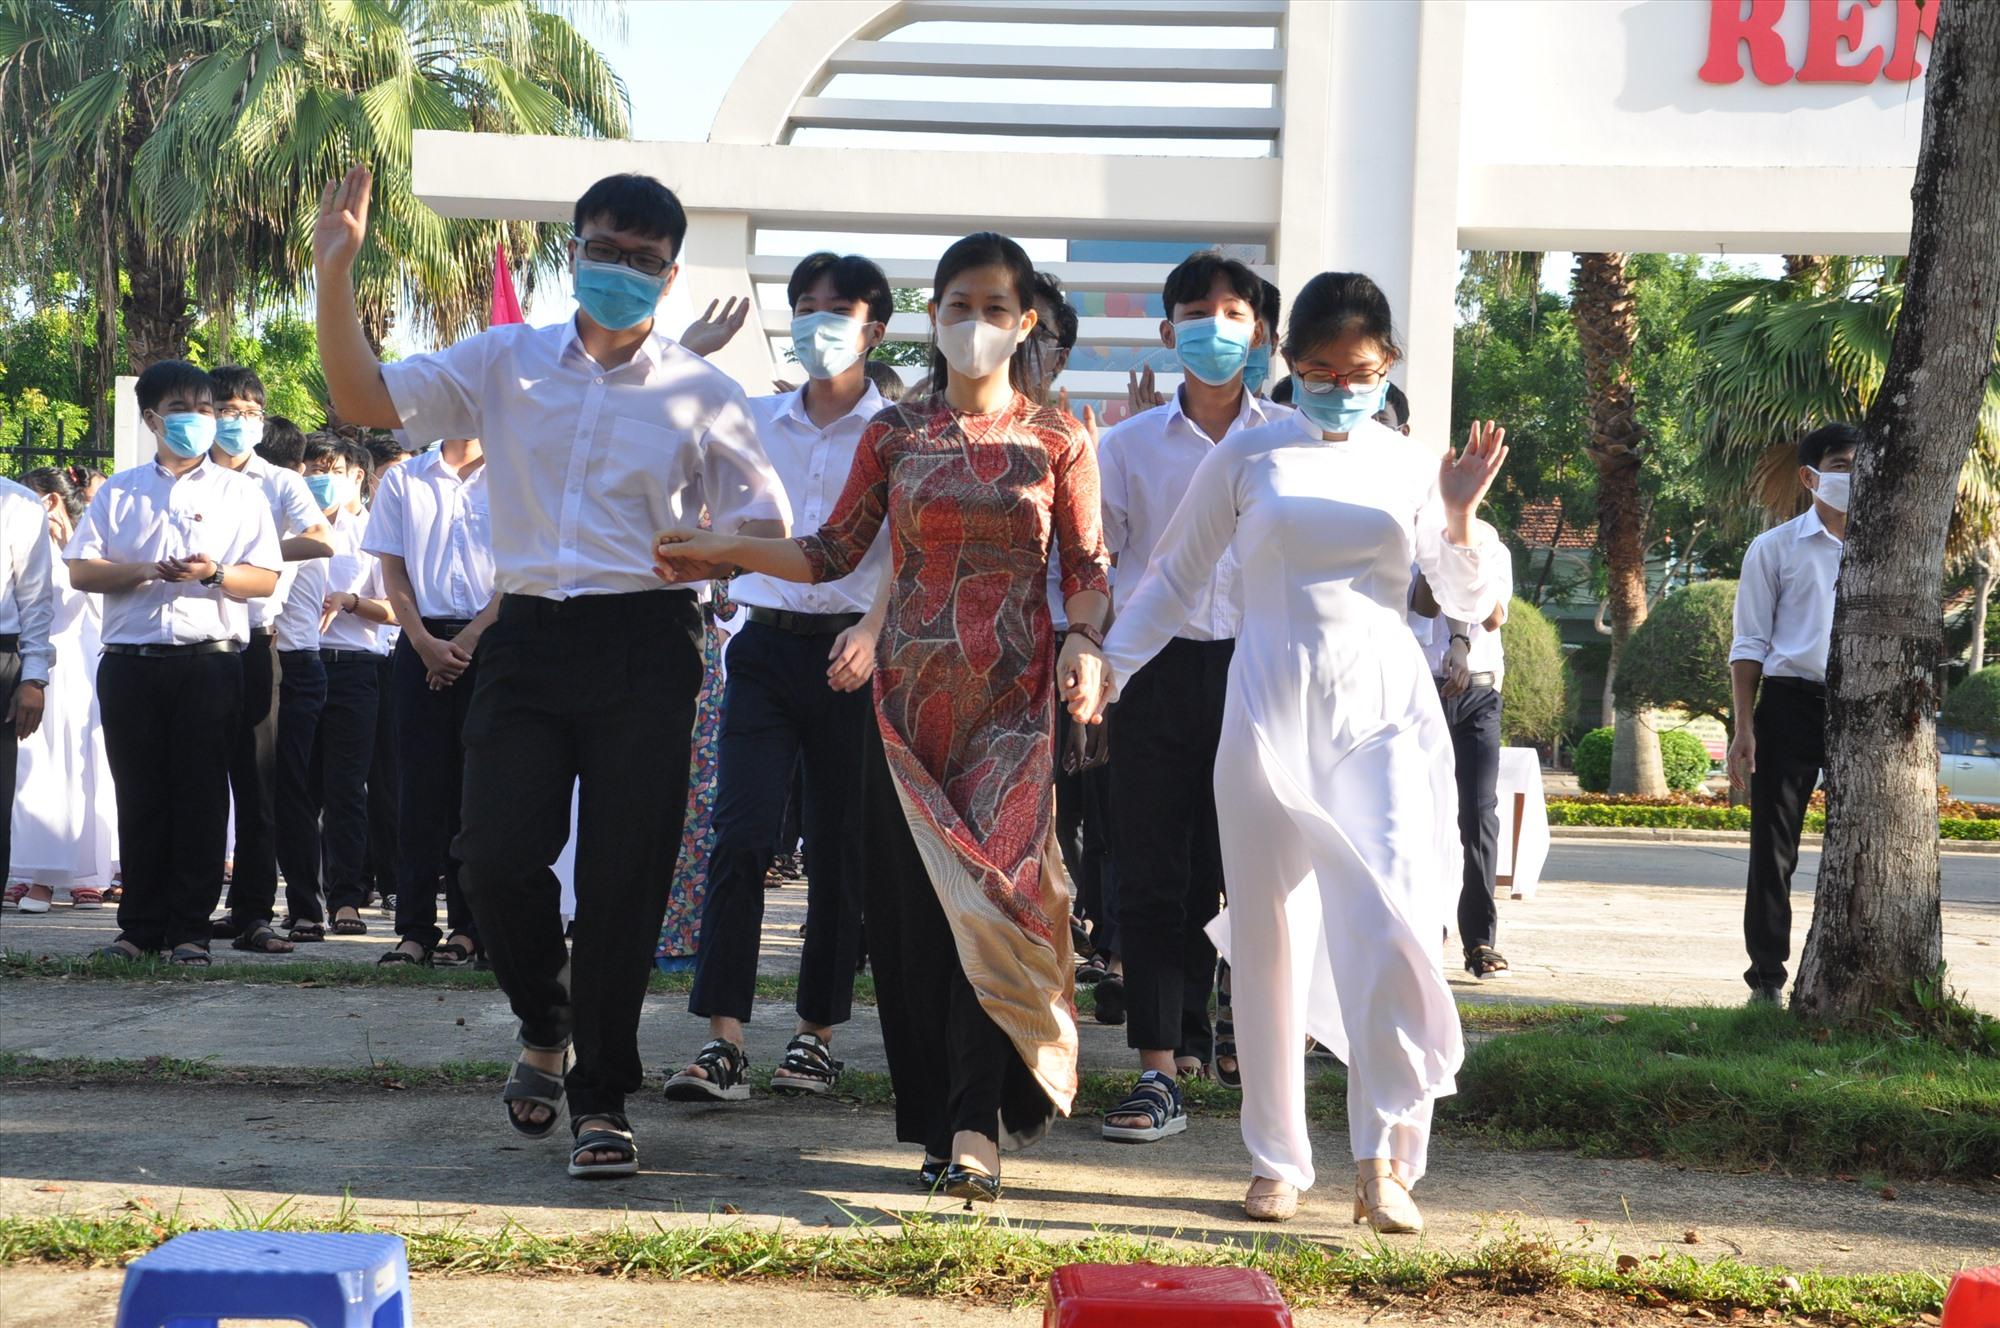 Học sinh Trường THPT chuyên Nguyễn Bỉnh Khiêm tại lễ khai giảng năm học 2020-2021. Ảnh: X.P